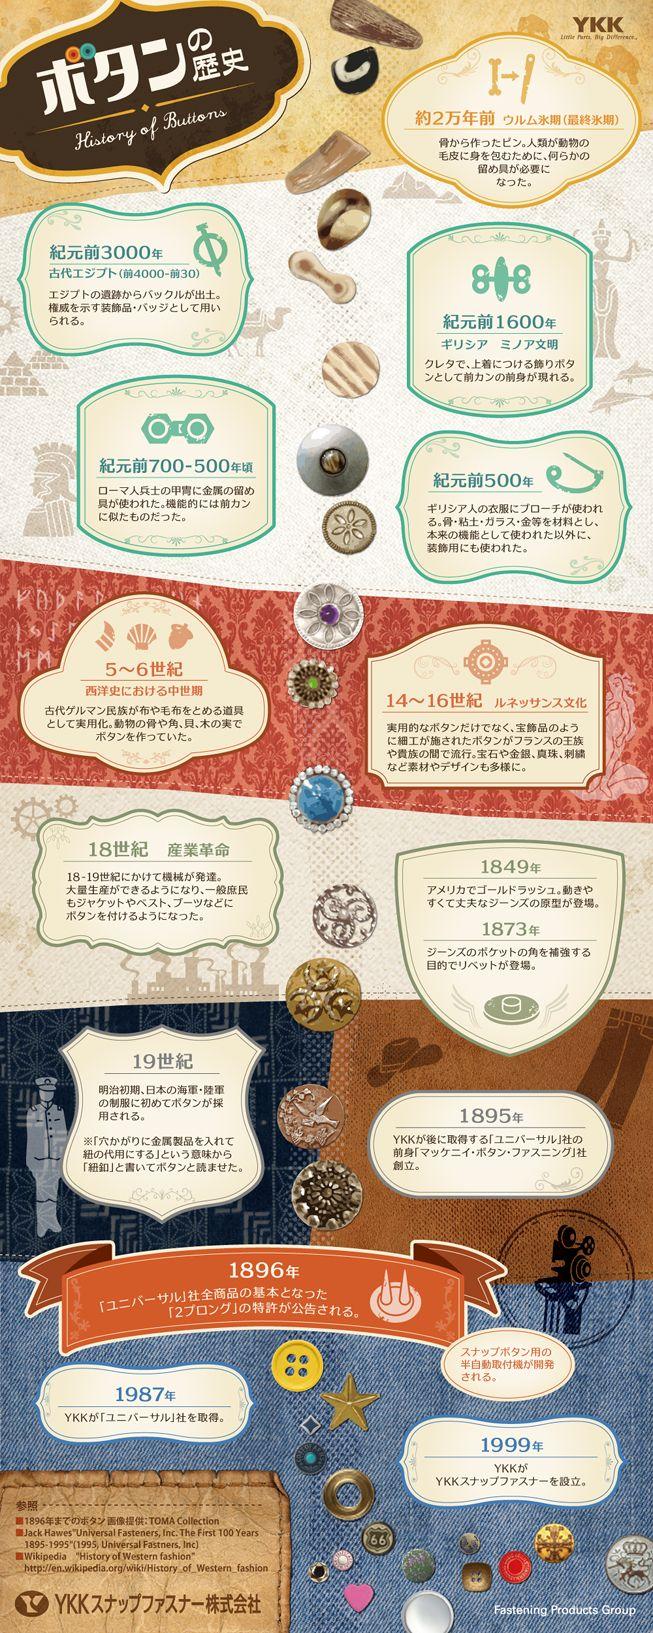 ボタンの歴史がわかるインフォグラフィック | 製品・サービス | YKKスナップファスナー株式会社